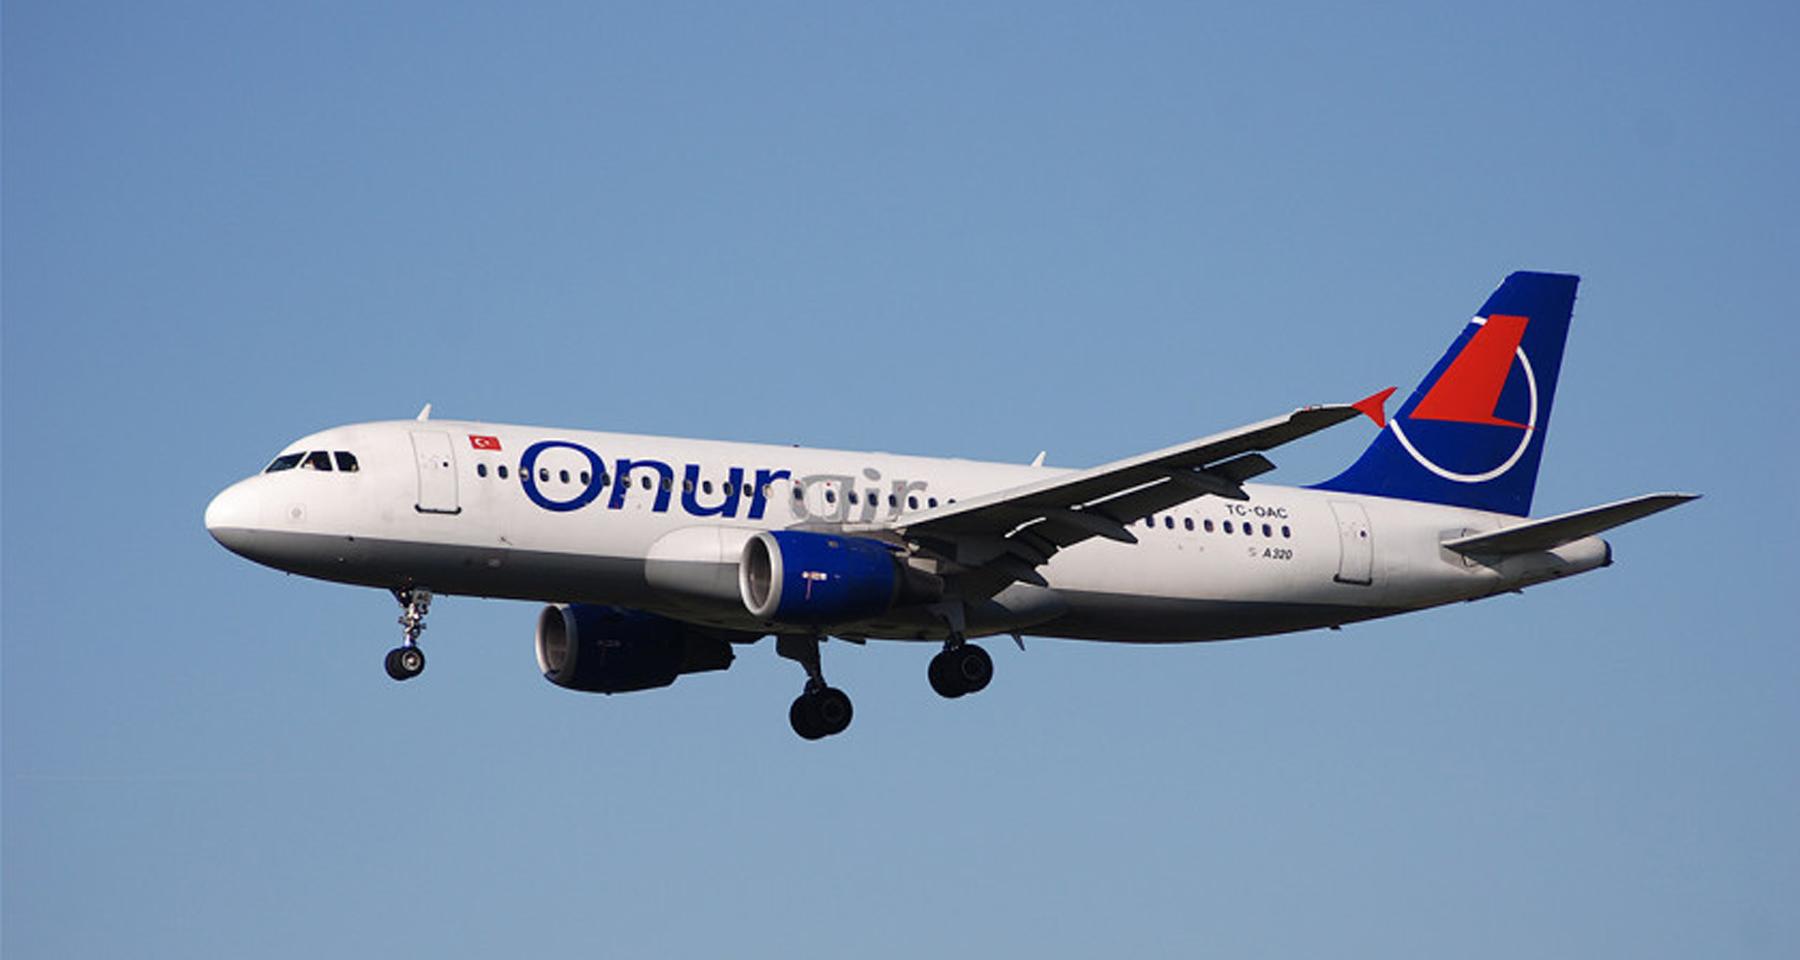 Çanakkale - İstanbul Uçak Seferleri Devam Edecek